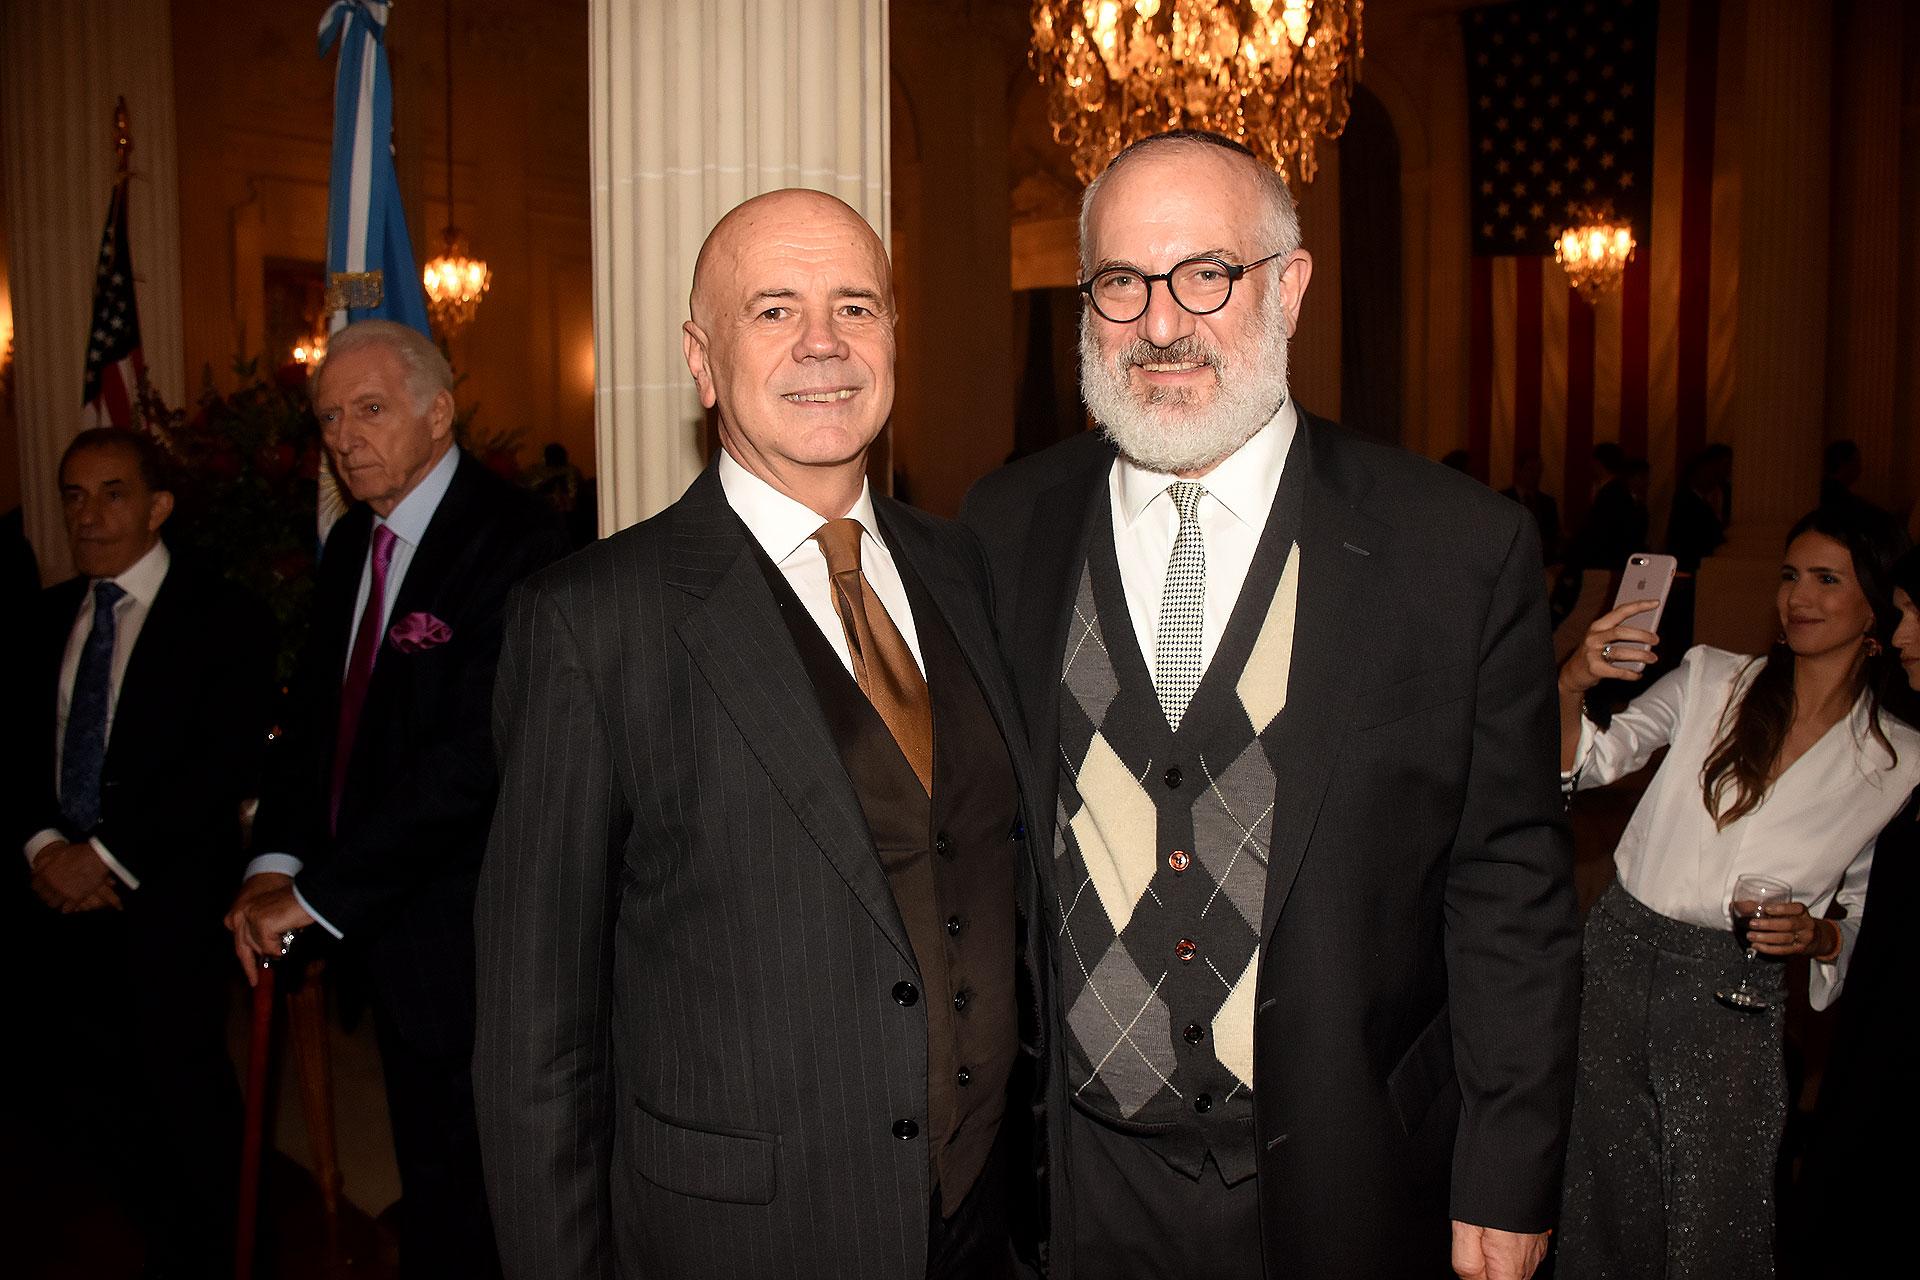 Jorge Telerman, director del Complejo Teatral de Buenos Aires, junto al empresario Eduardo Elsztain